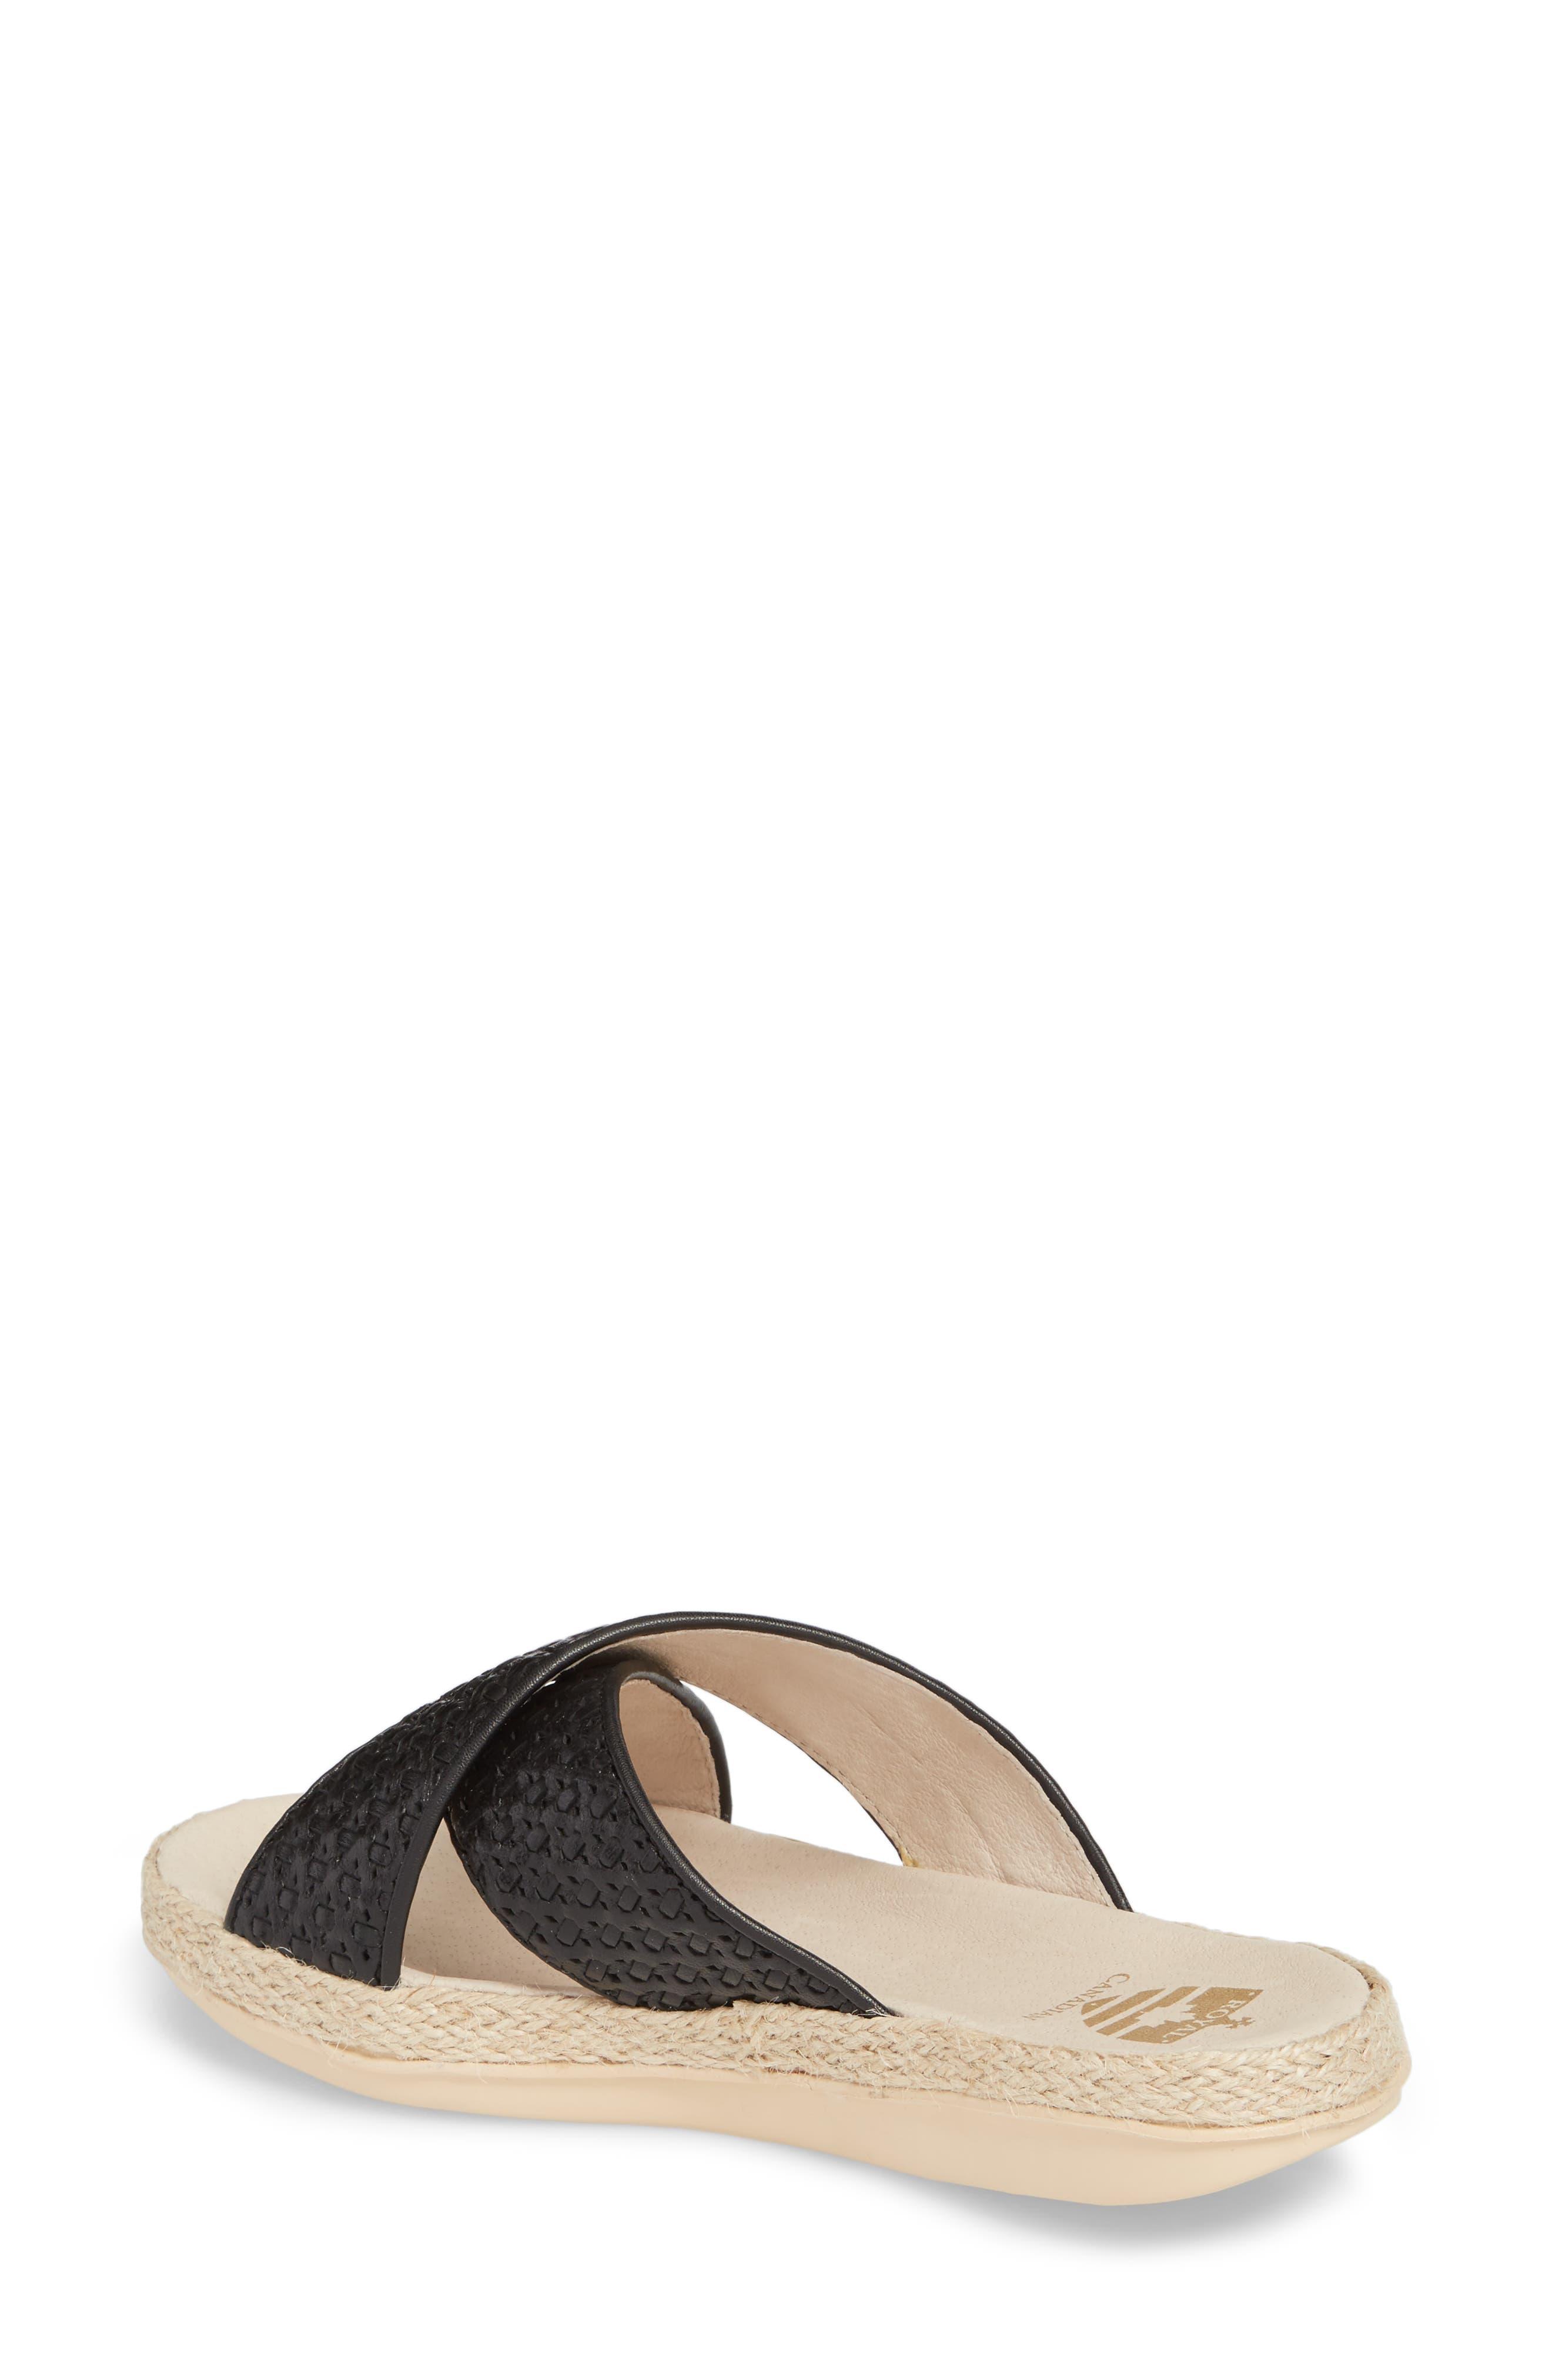 Glencairn Sandal,                             Alternate thumbnail 2, color,                             Black Leather